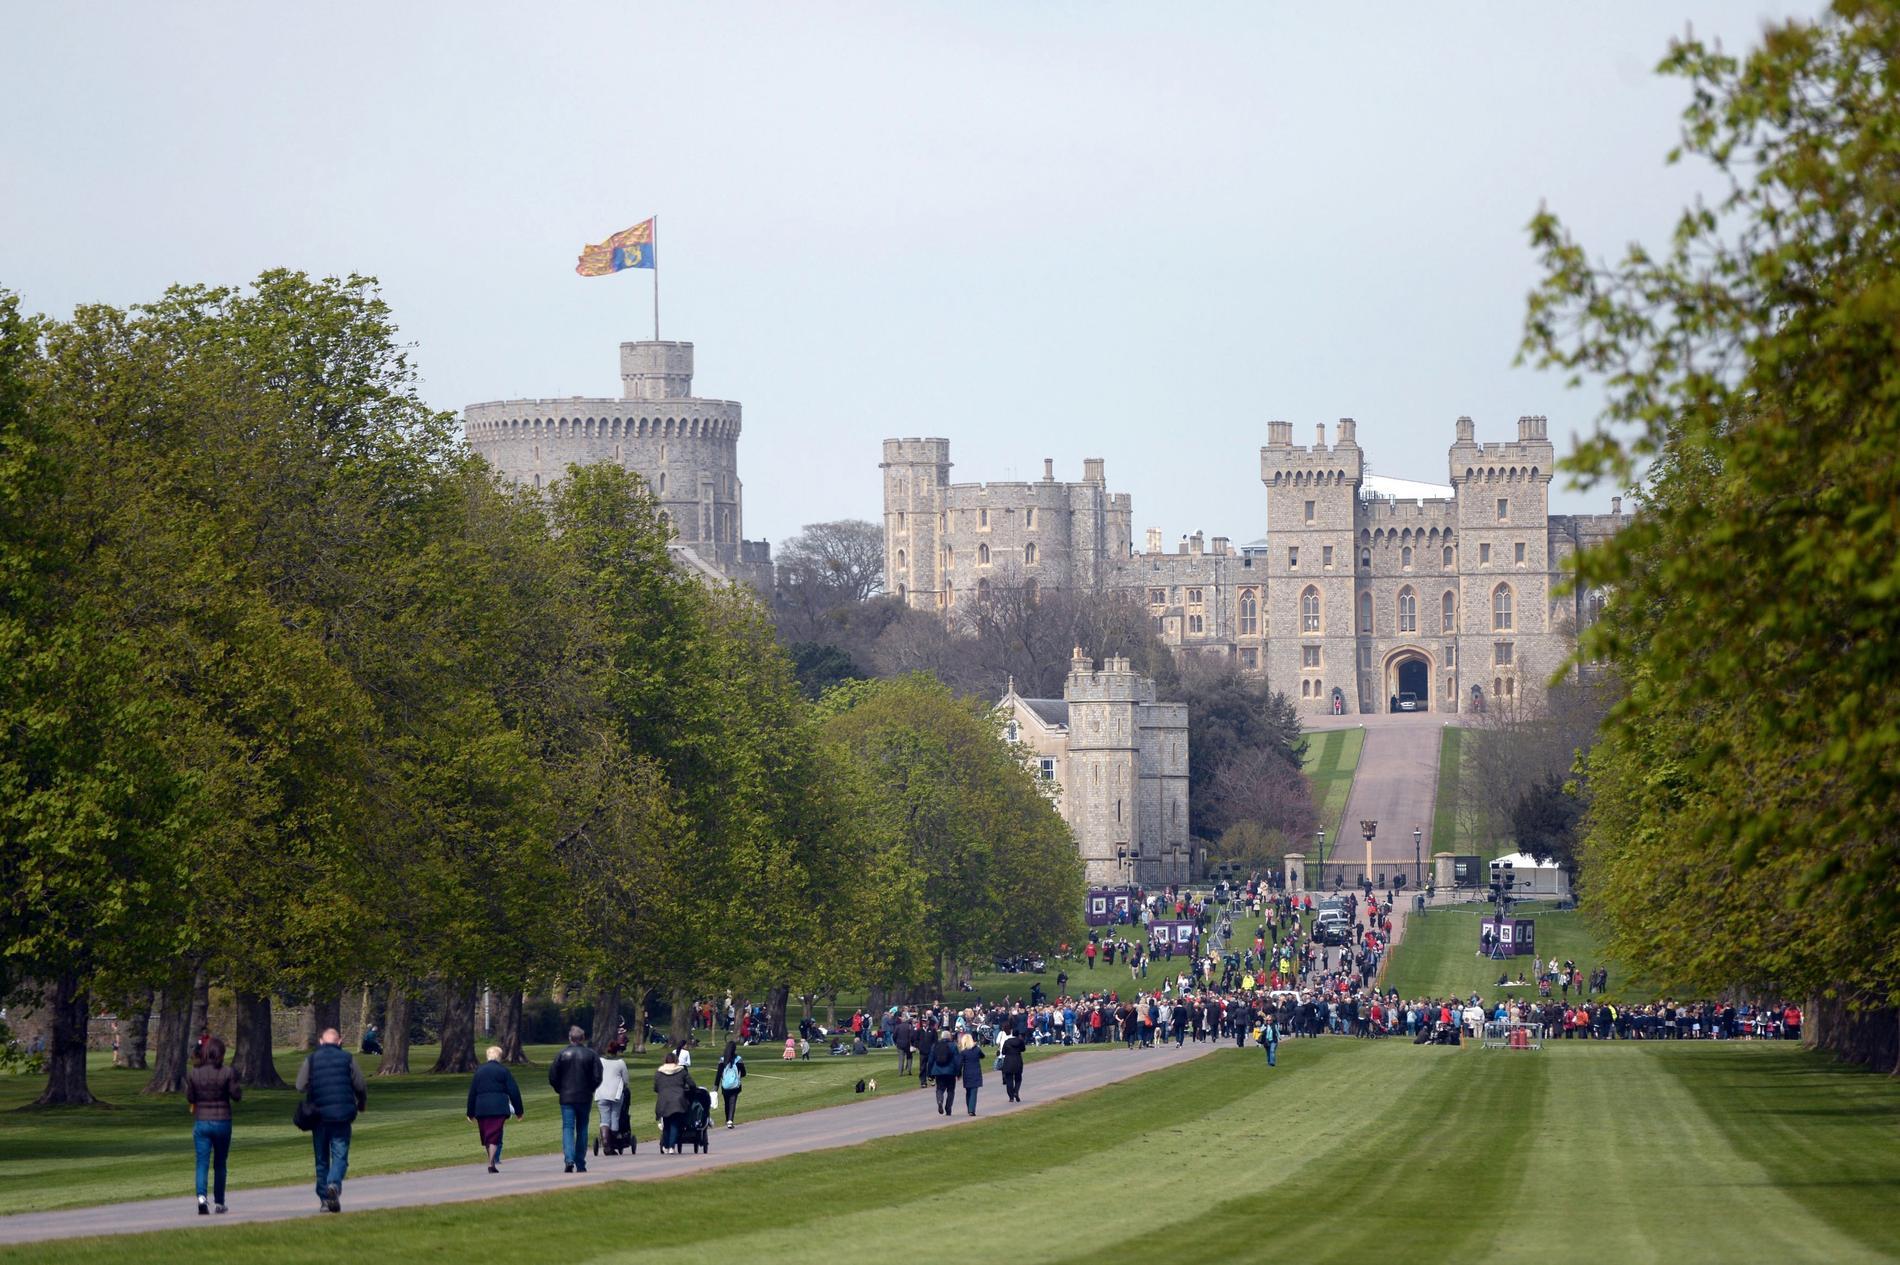 Windsor castle där drottningen har sin privata bostad.